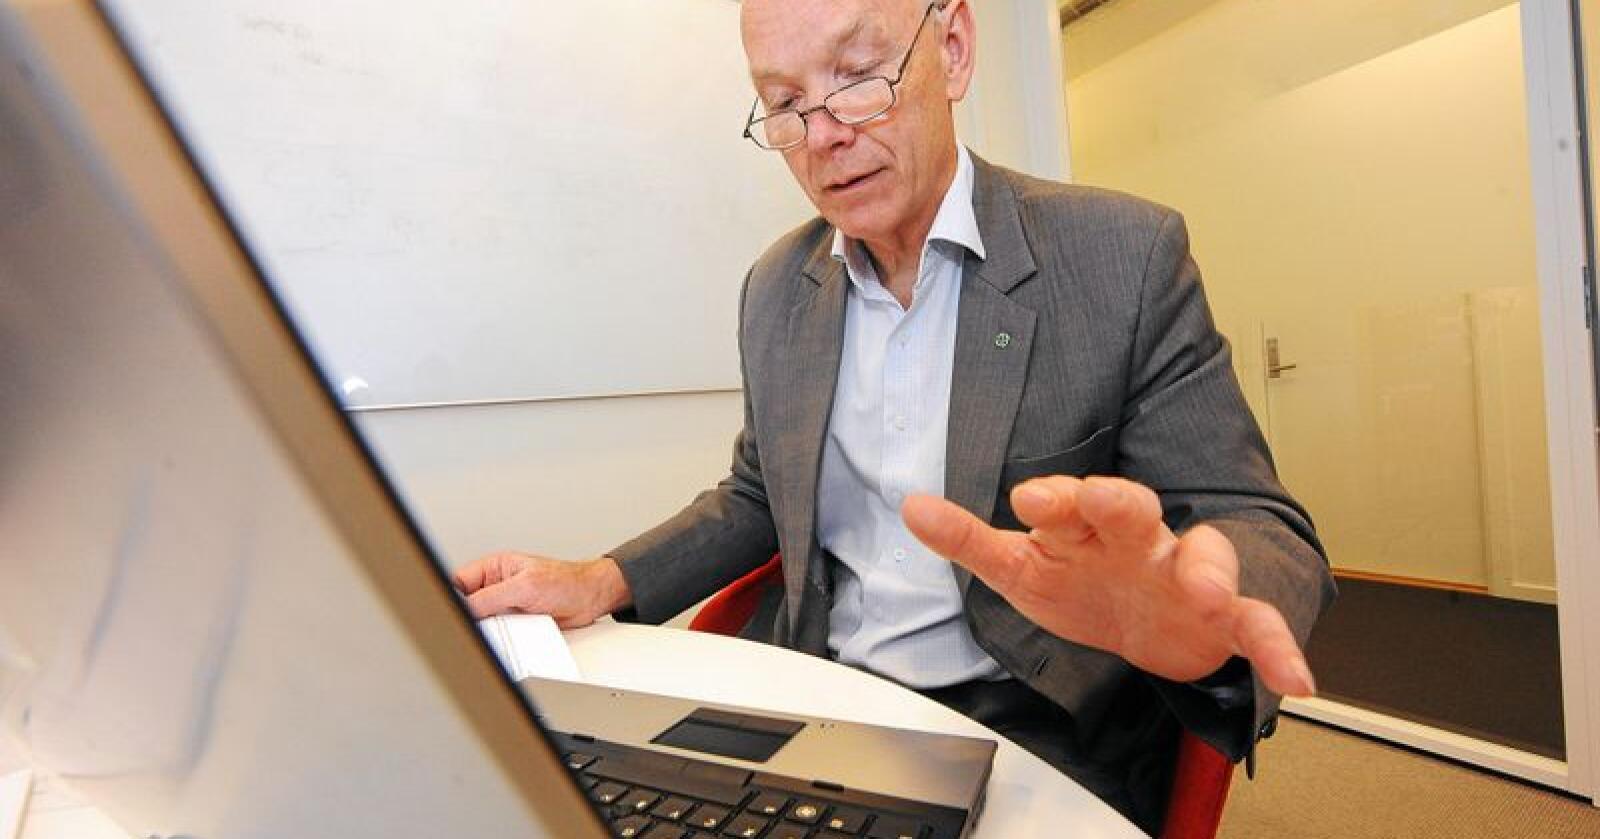 Store erstatninger: Per Olaf Lundteigen (Sp), tror at avlingsskadeerstatninga kan ende på 2-3 milliarderer etter årets tørkesommer.